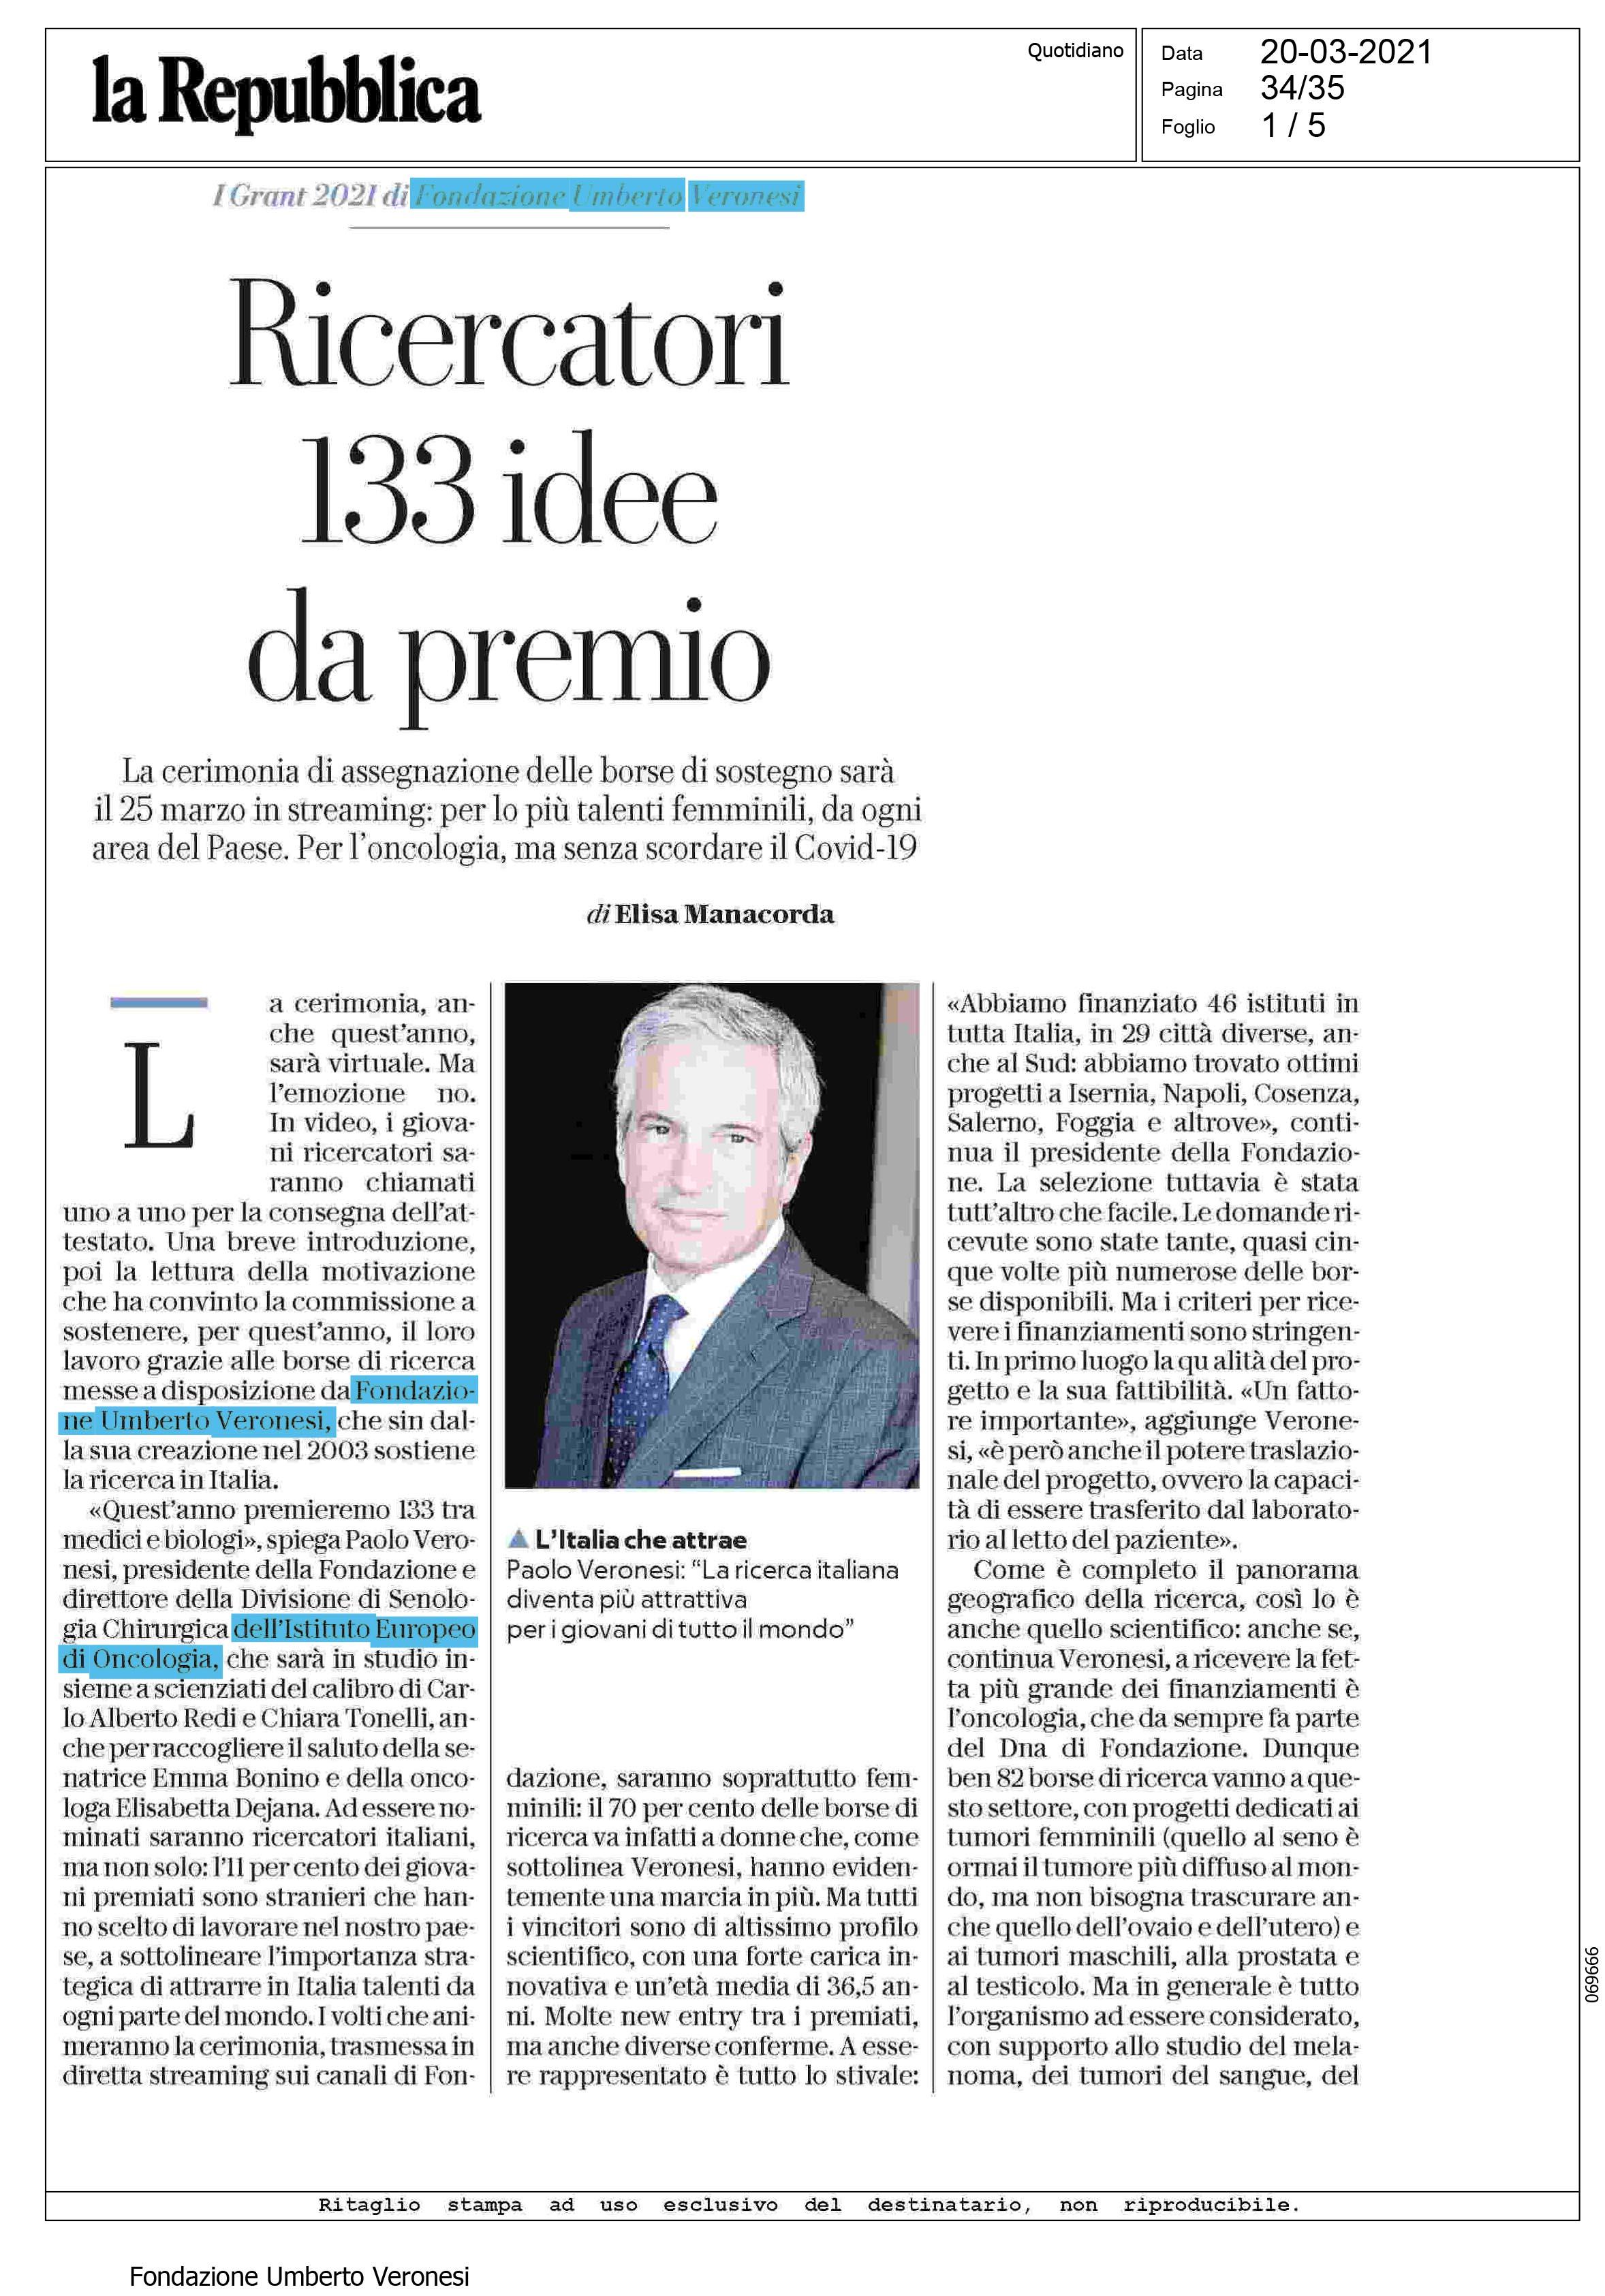 La Repubblica_20.03.2021-1